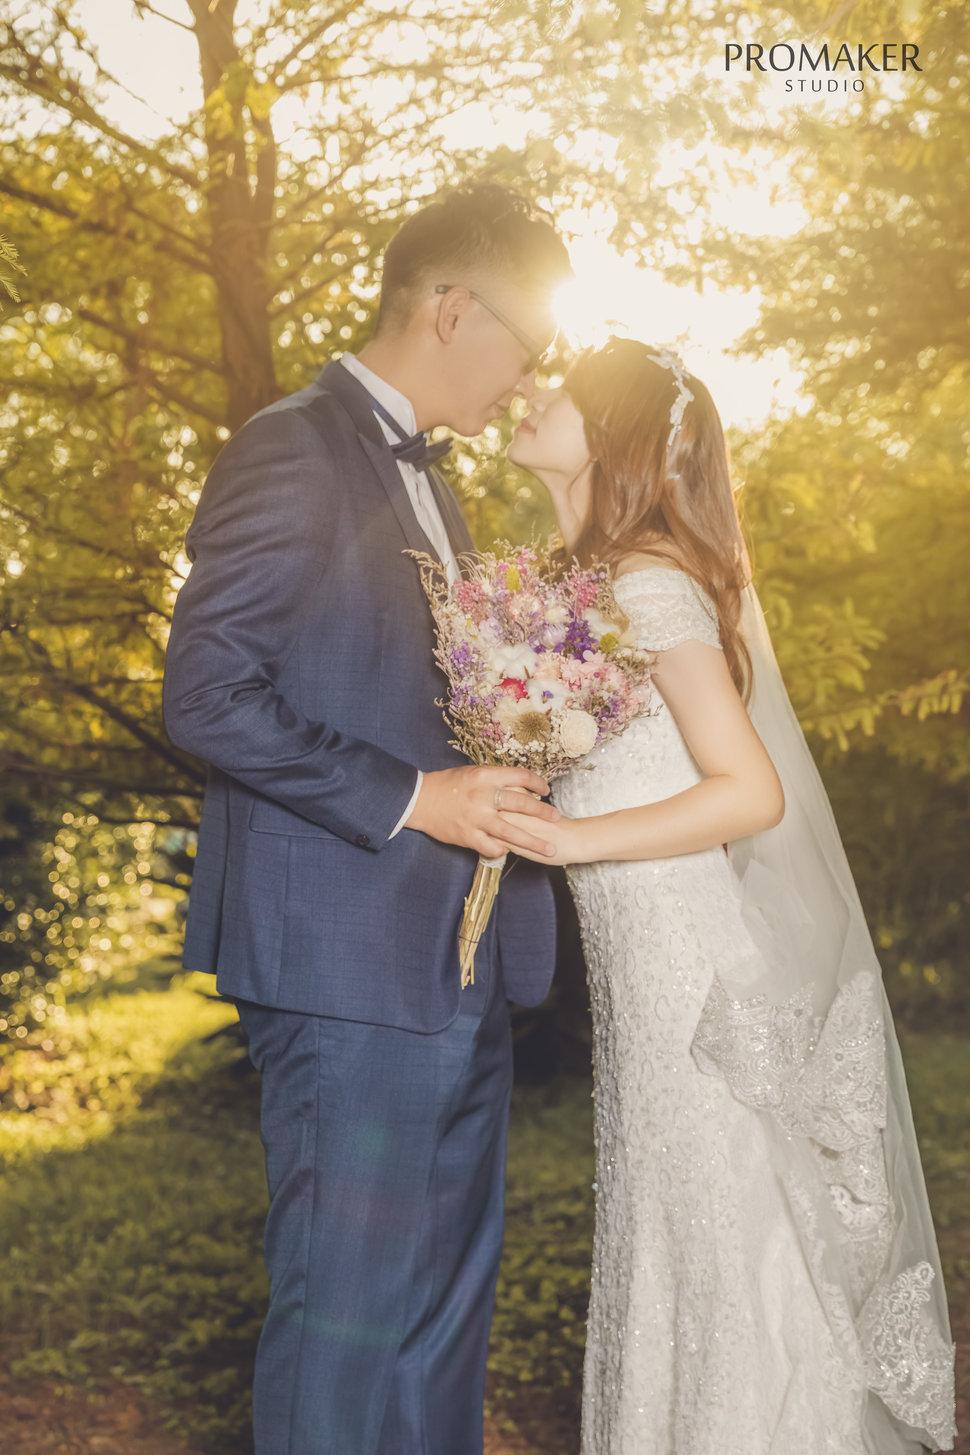 P01_0736 - Promaker婚禮紀錄攝影團隊婚攝豪哥《結婚吧》